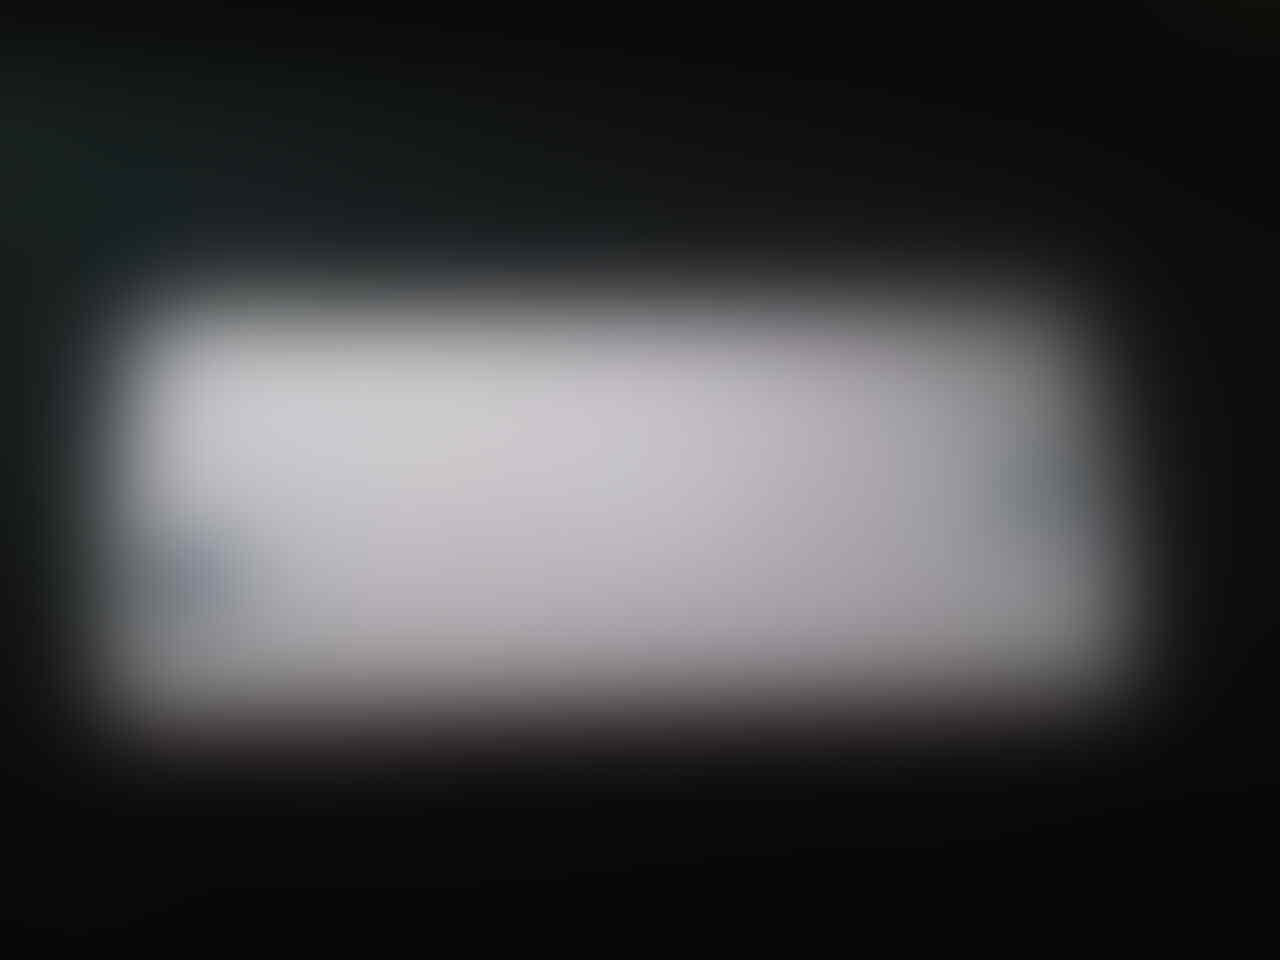 Jual Sony Erricsson Xperia Ray